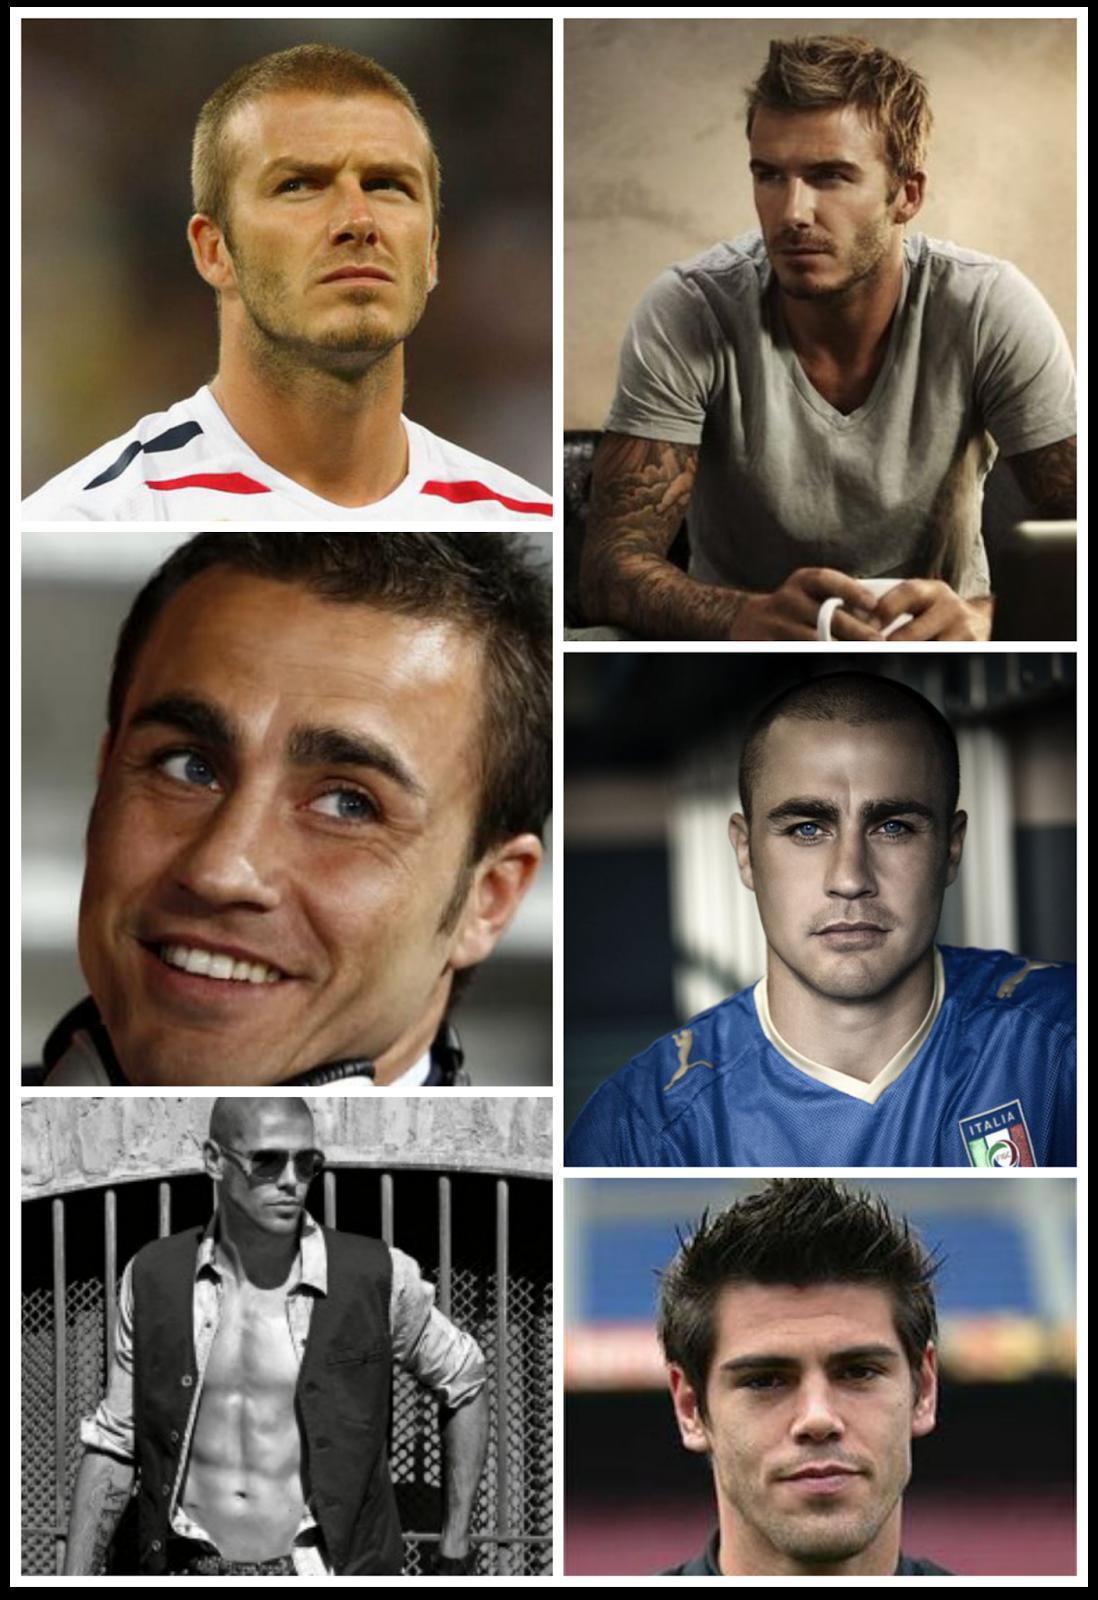 Look rapado: David Beckham, Fabio Canavaro, Víctor Valdés